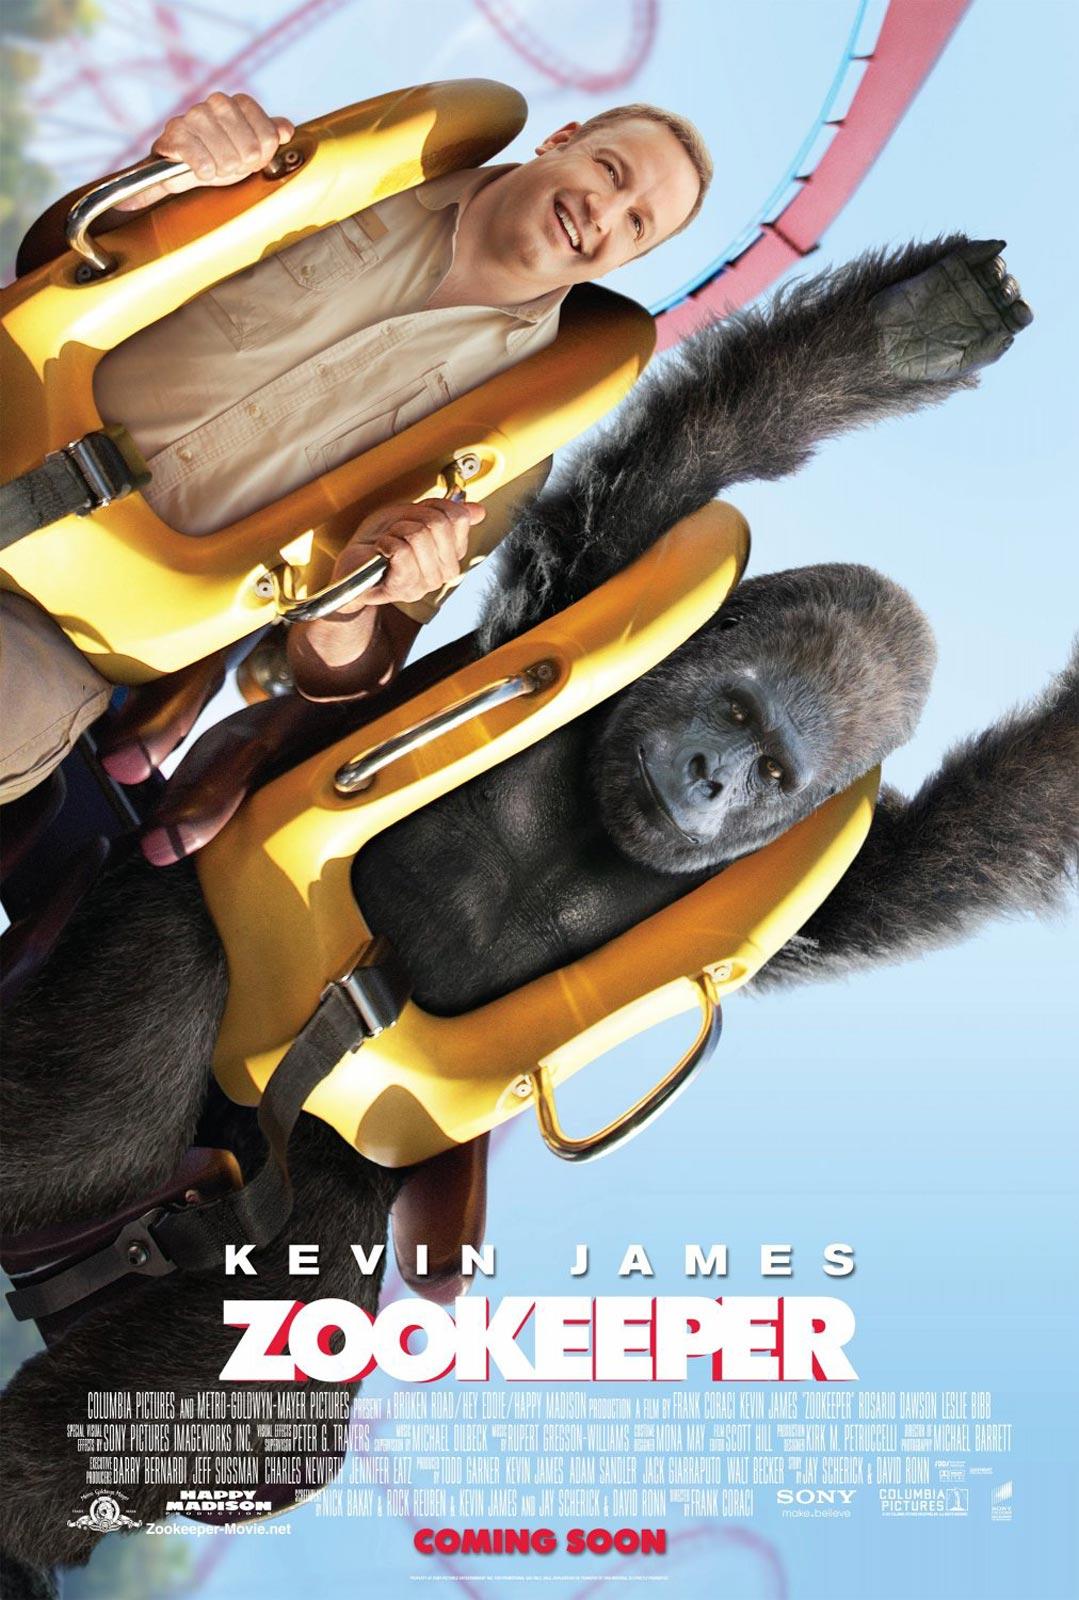 Third Zookeeper Movie Poster Filmofilia